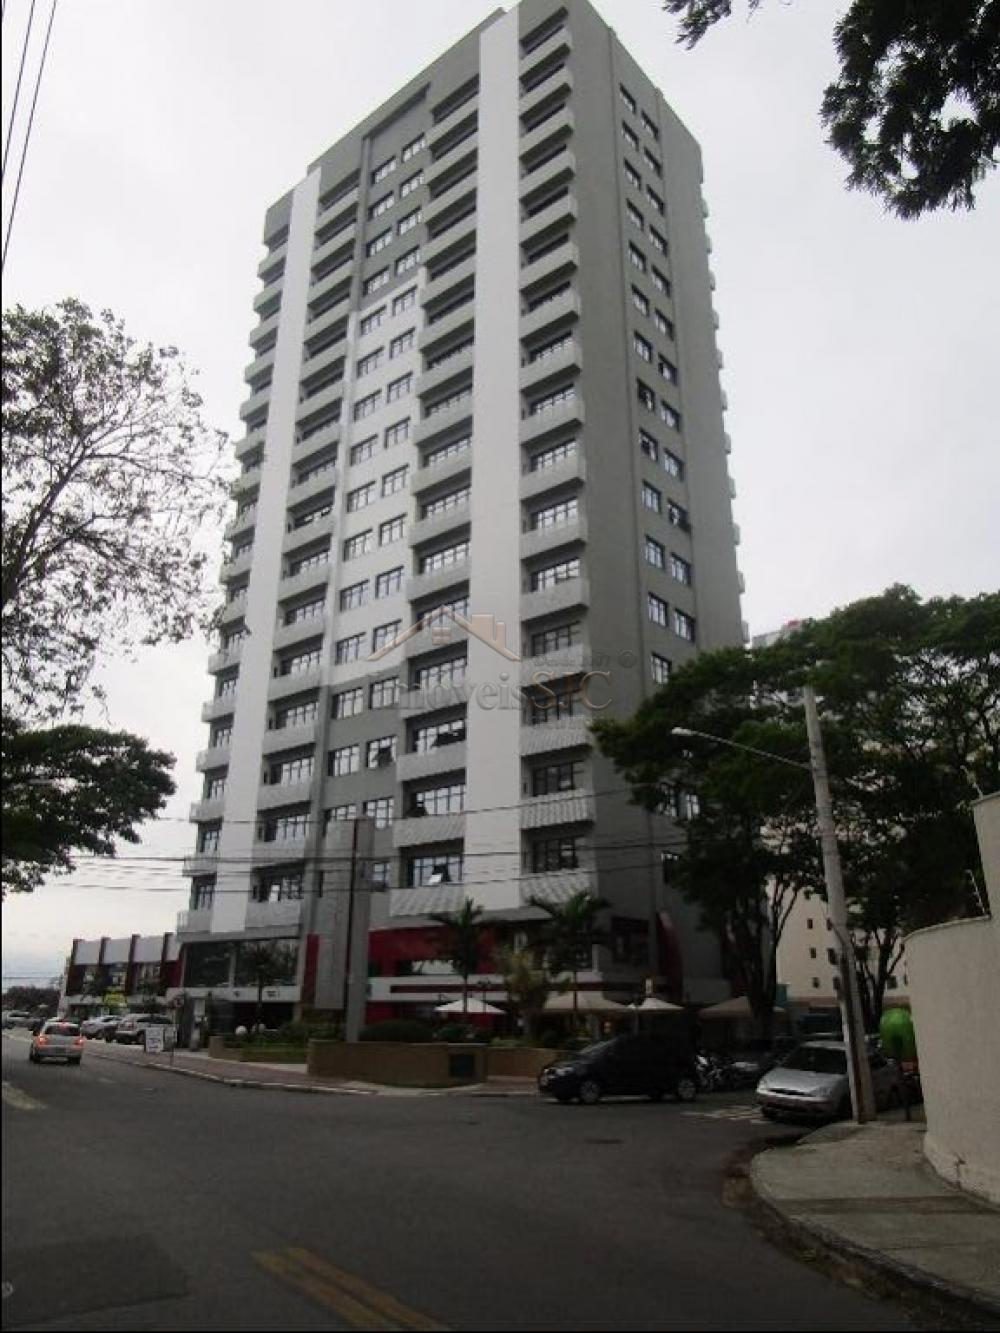 Alugar Comerciais / Sala em São José dos Campos apenas R$ 1.000,00 - Foto 1